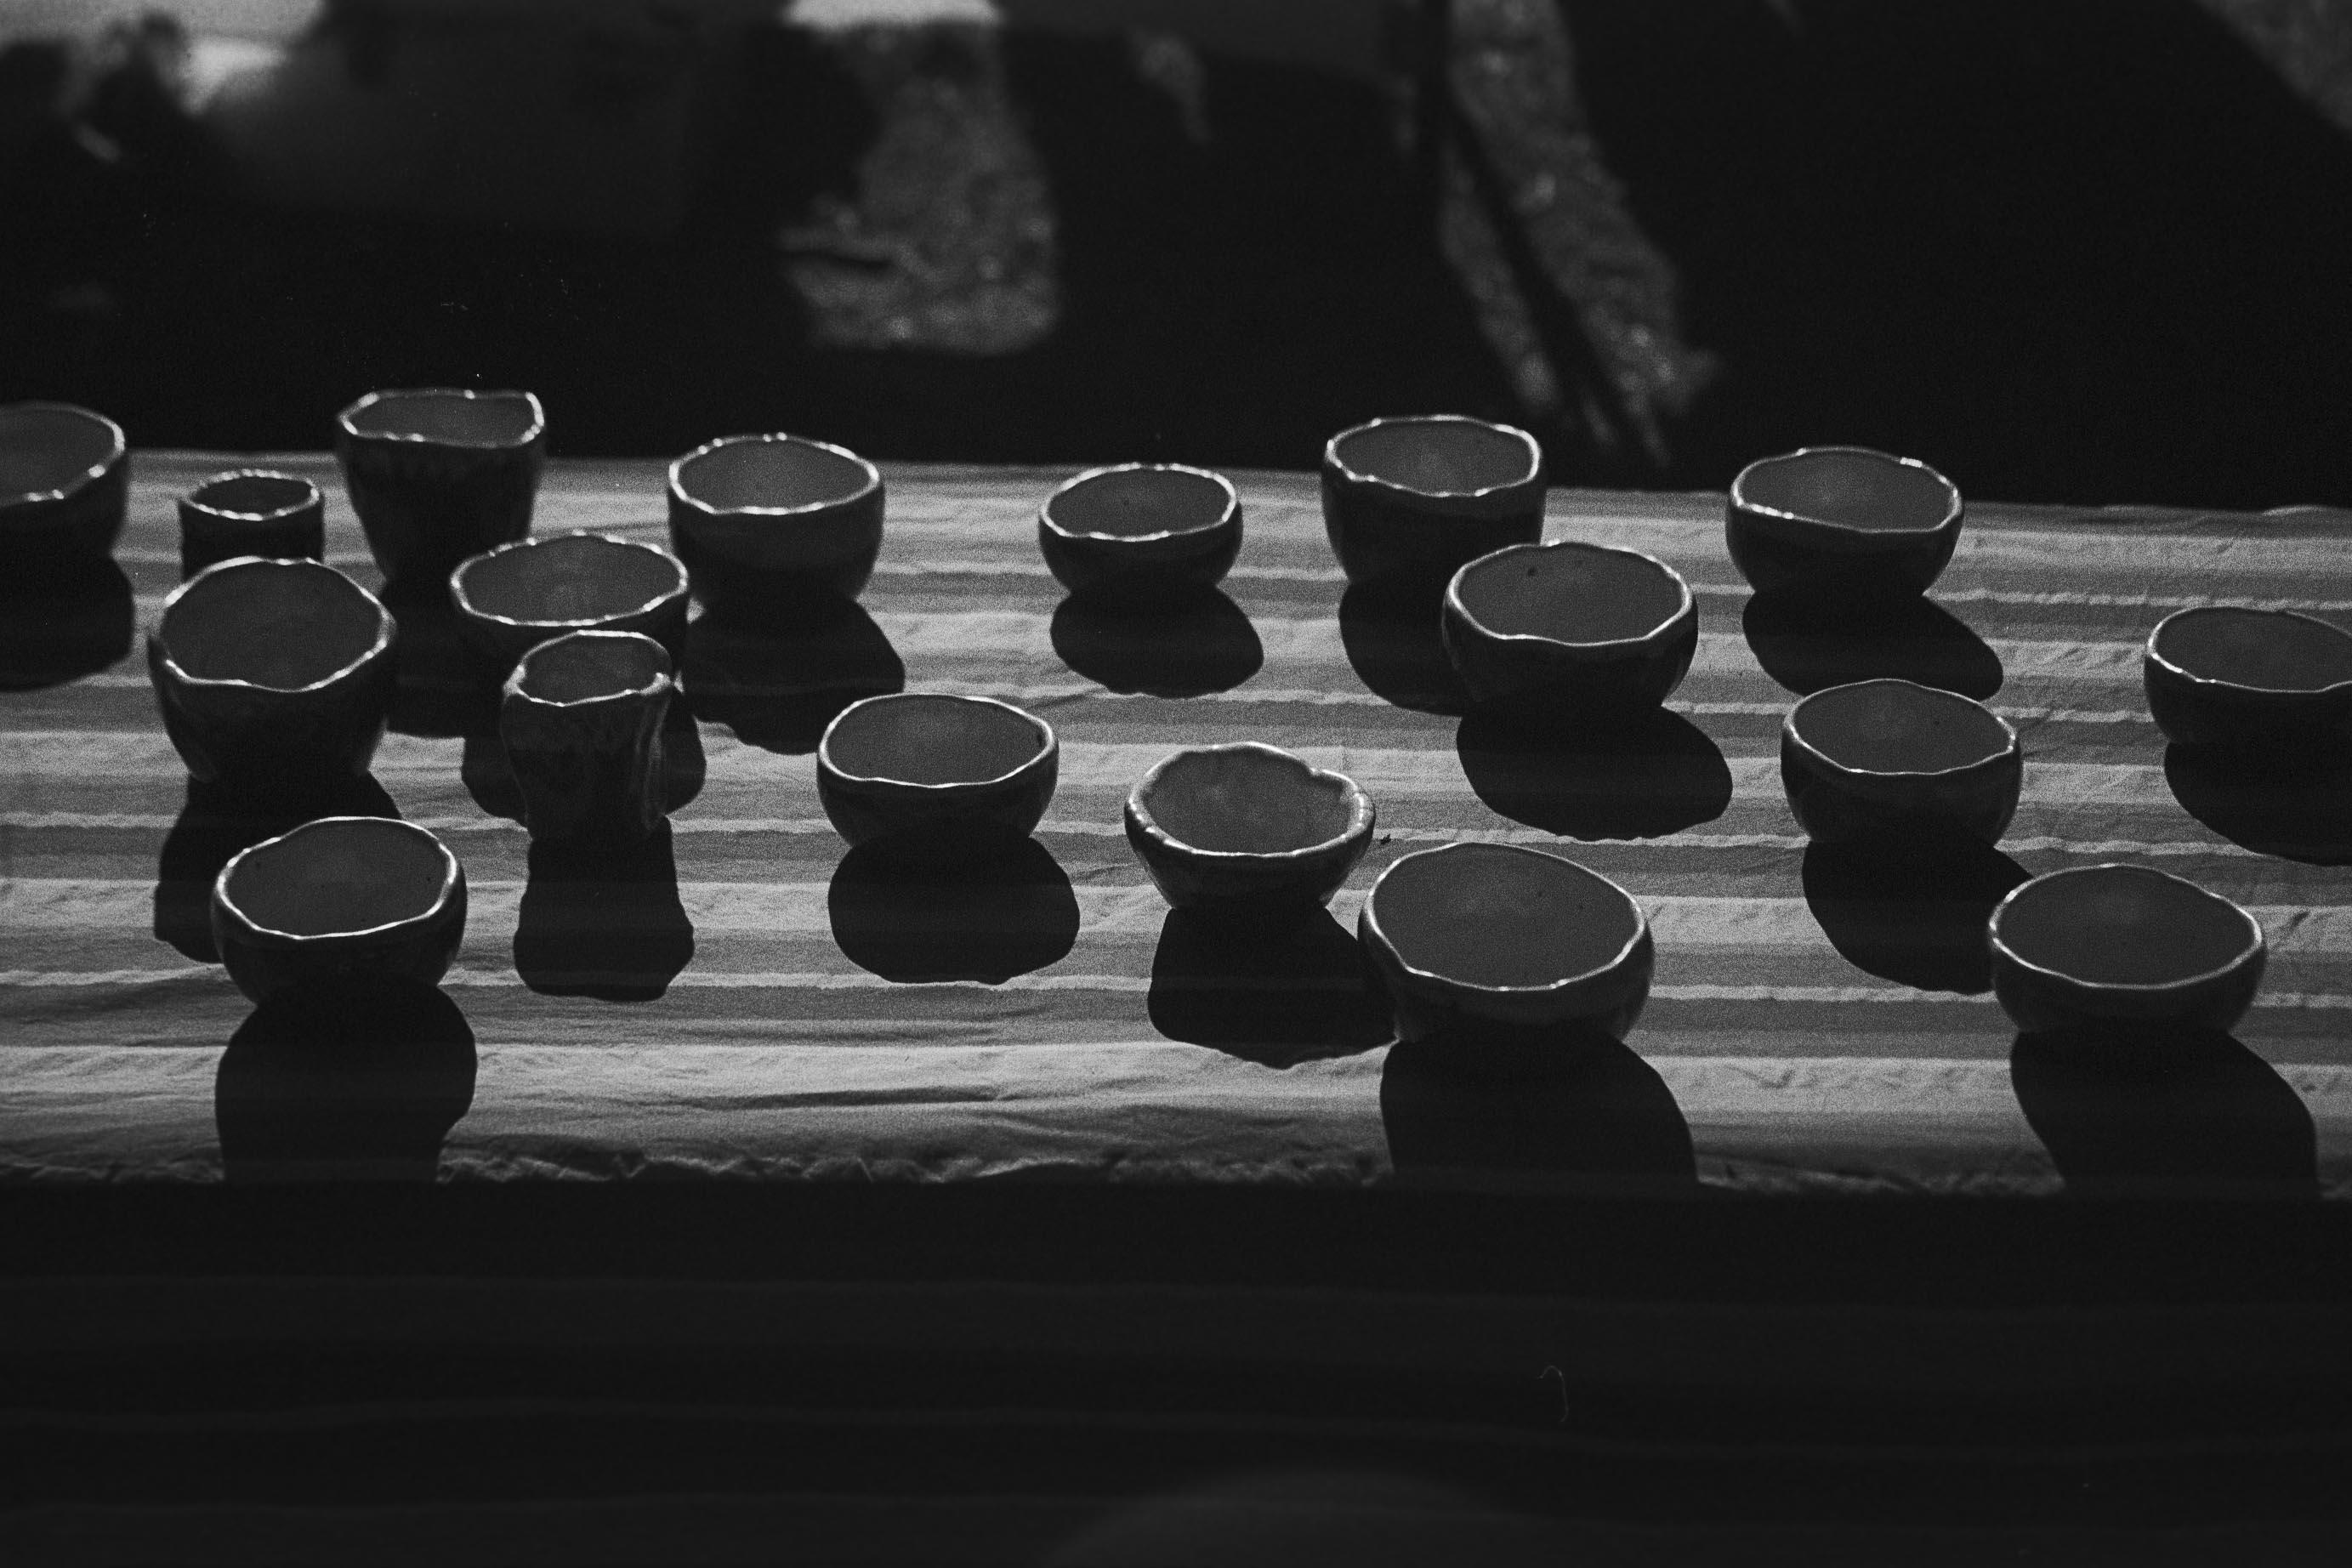 Bowls at Machiko's stall at Glebe Market